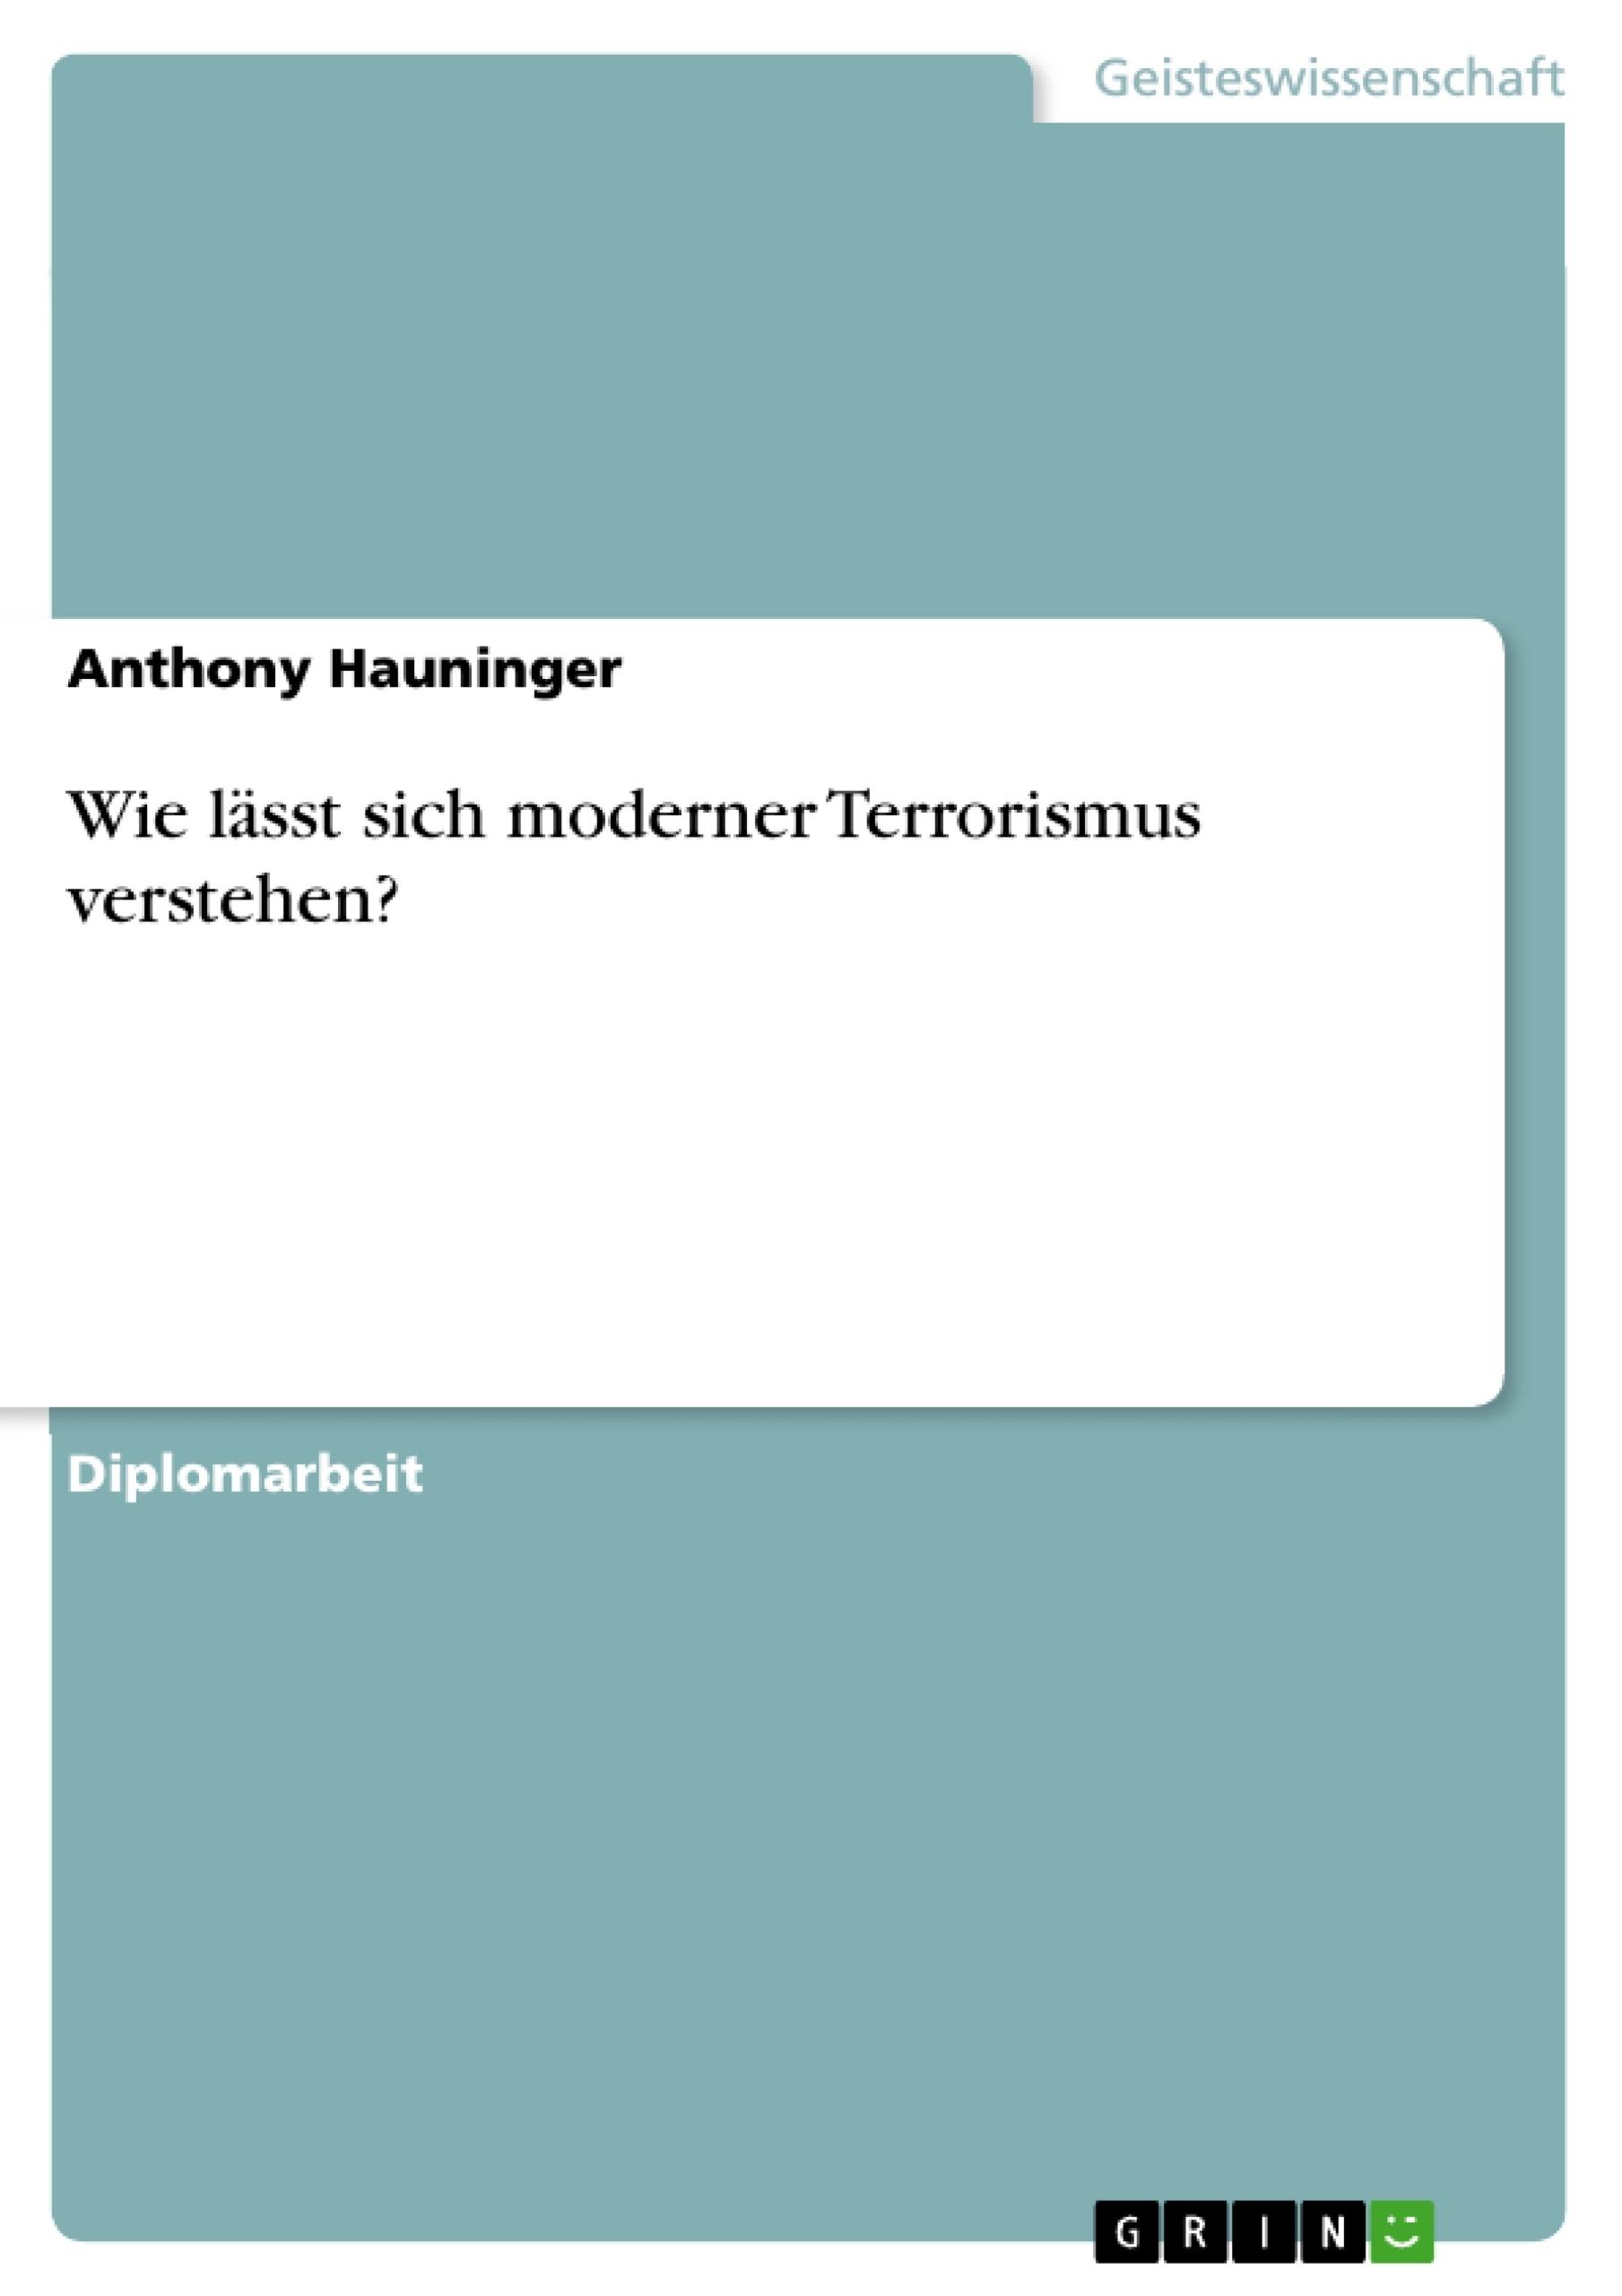 Titel: Wie lässt sich moderner Terrorismus verstehen?